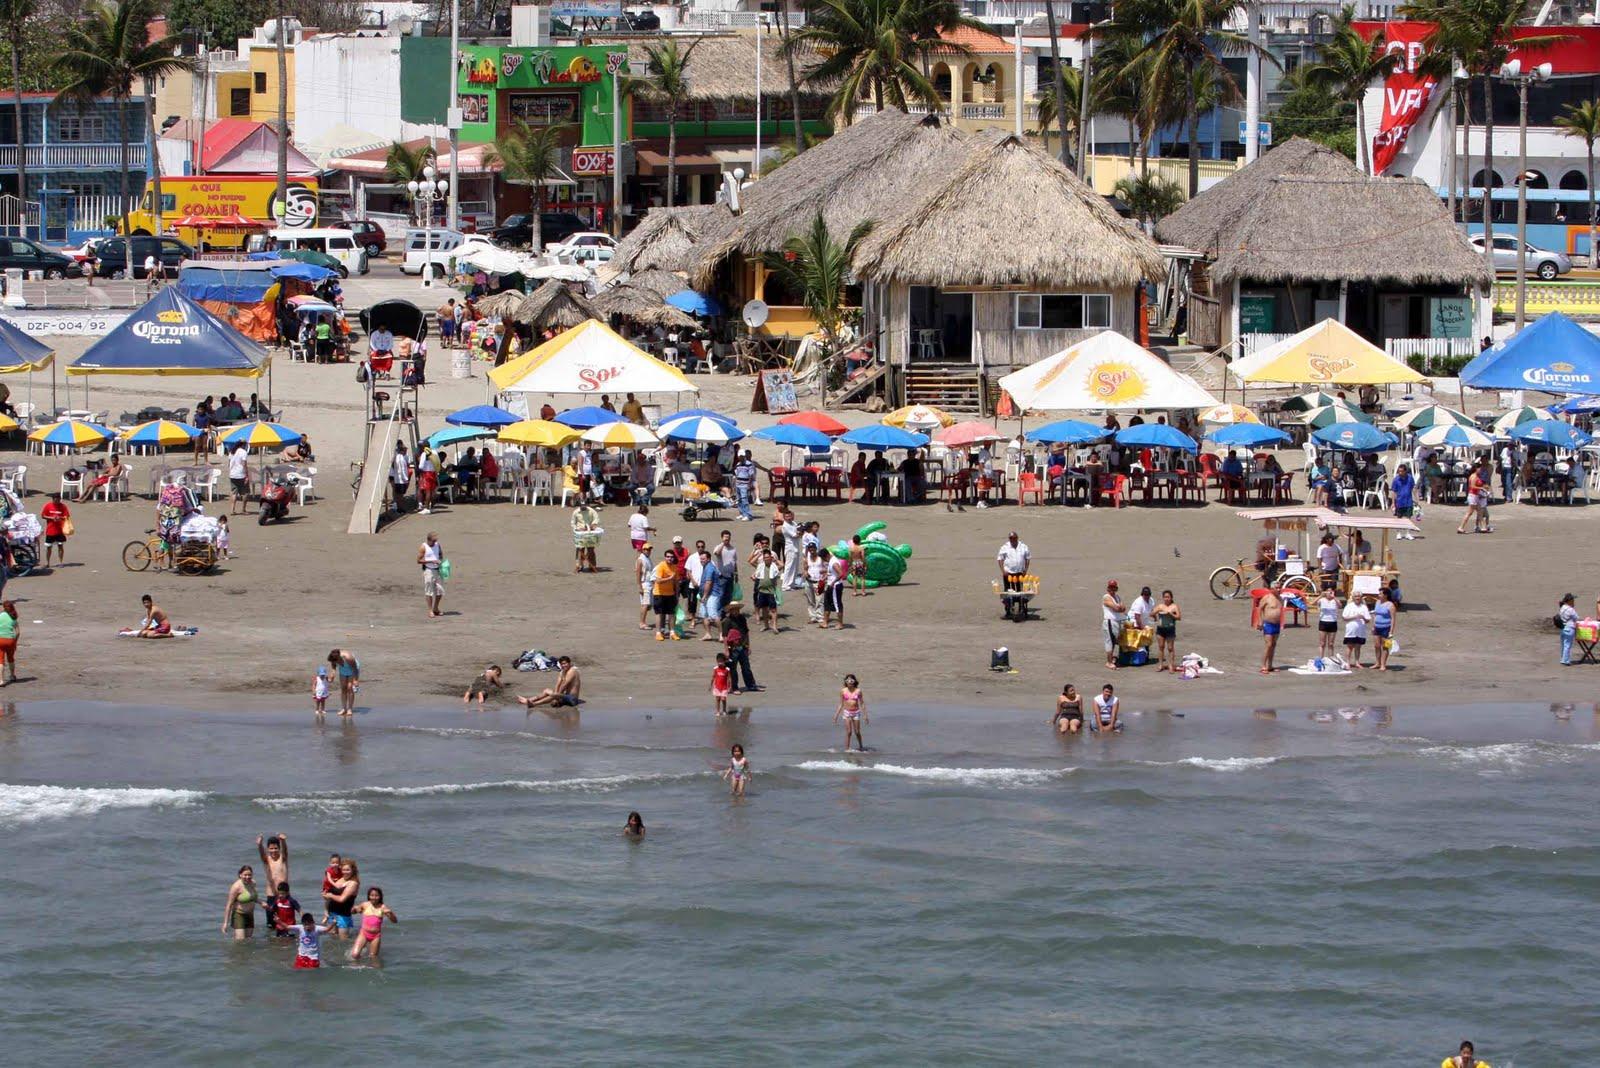 Hoteleros exigen a próximos alcaldes trabajar en materia turística